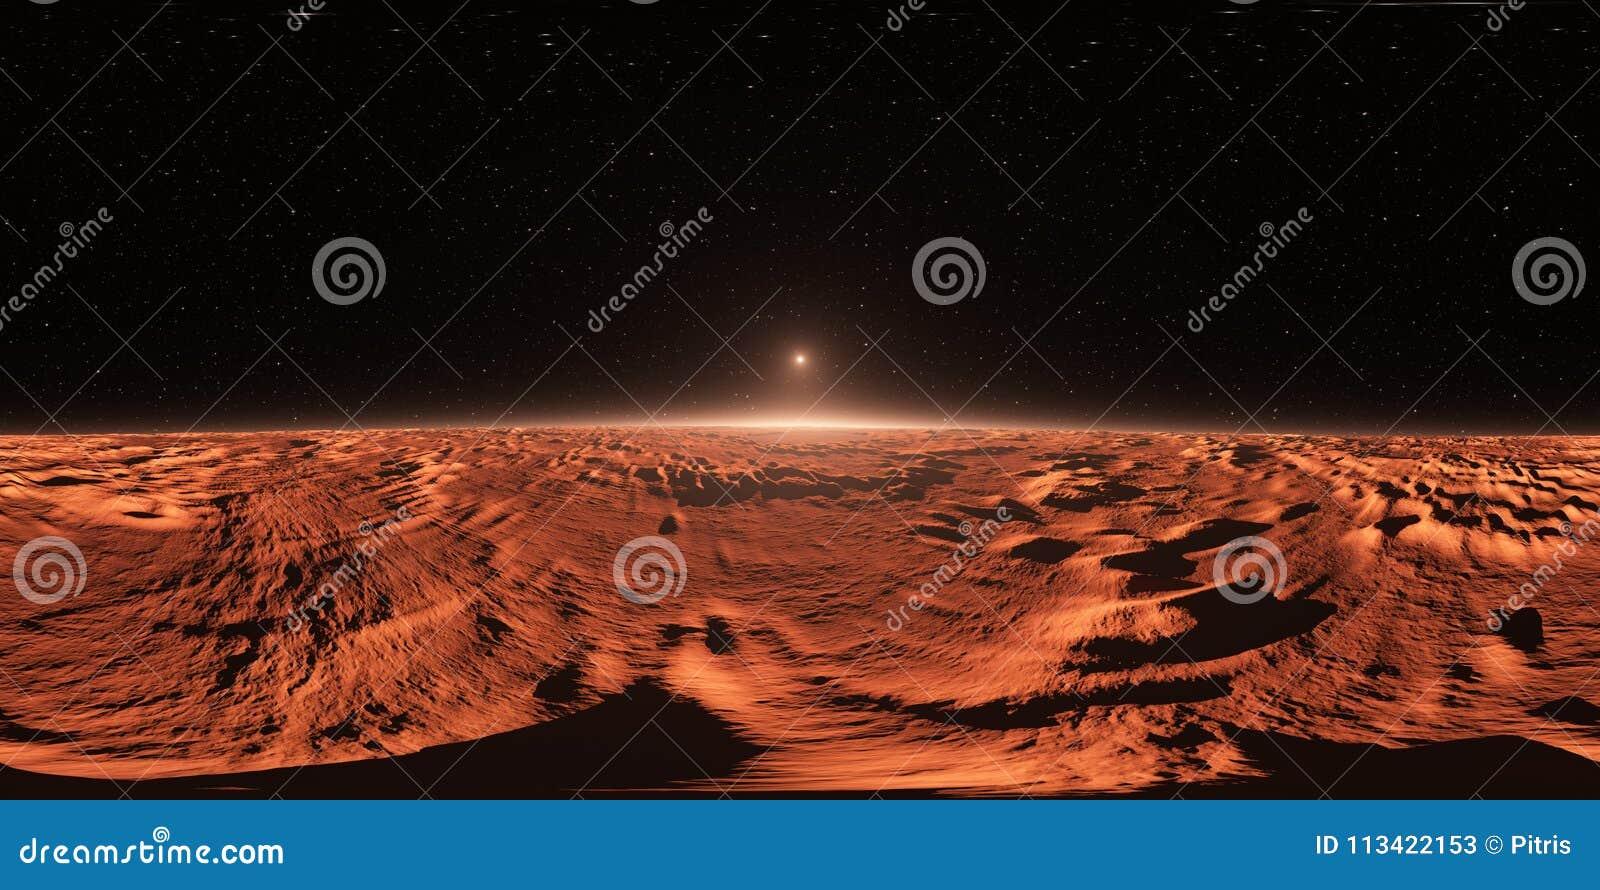 360 πανόραμα του Άρης-ομοειδούς ηλιοβασιλέματος Exoplanet, χάρτης περιβάλλοντος Προβολή Equirectangular, σφαιρικό πανόραμα